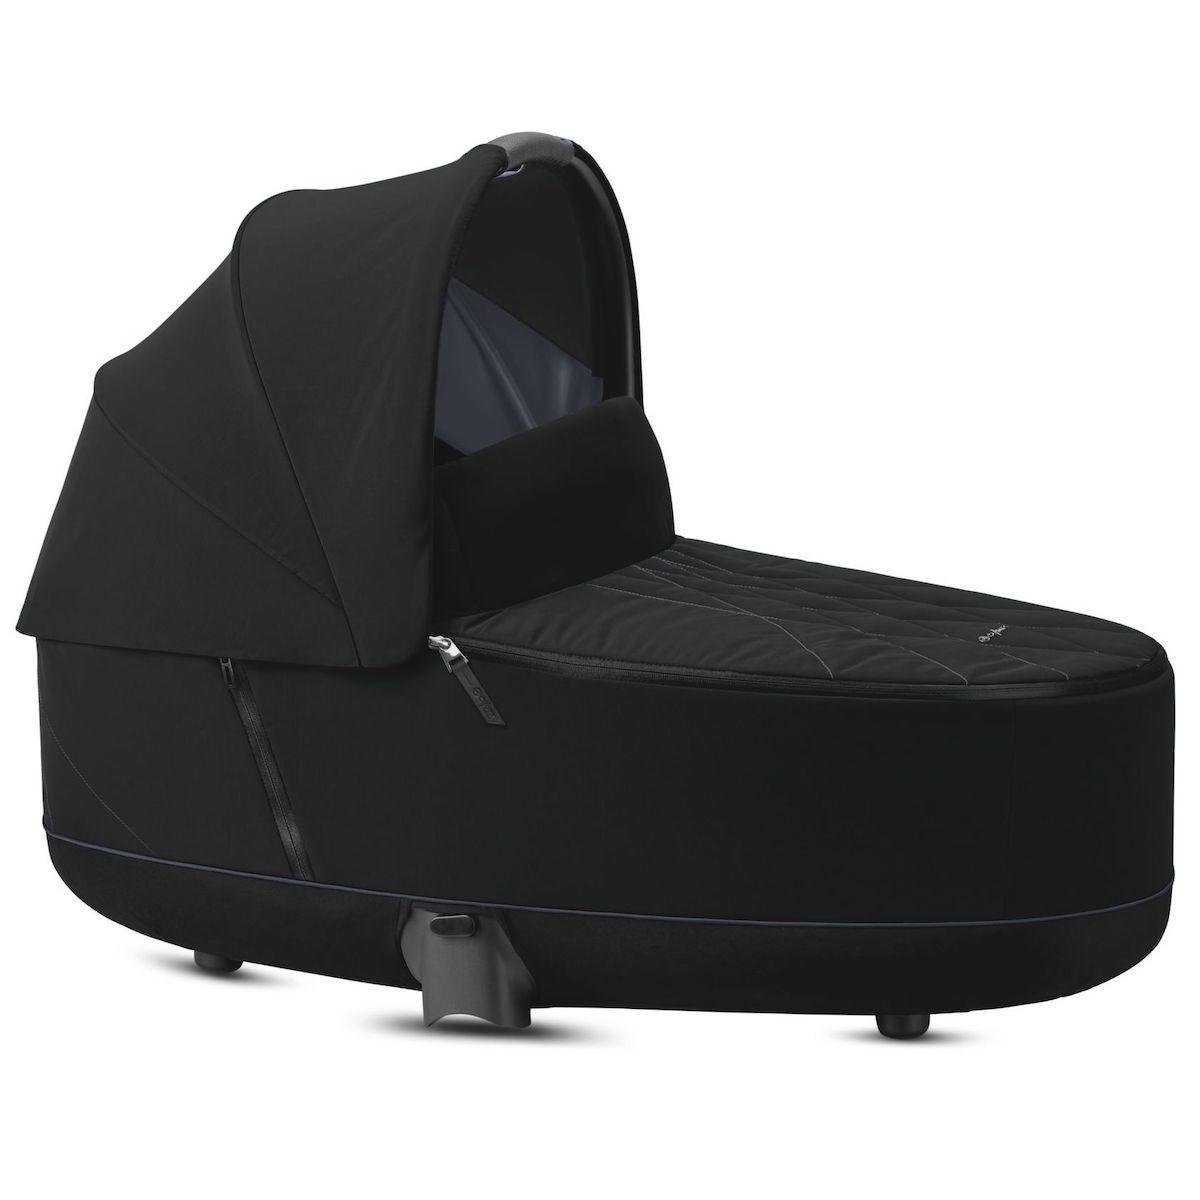 Capazo de luxe PRIAM Cybex Deep black-black